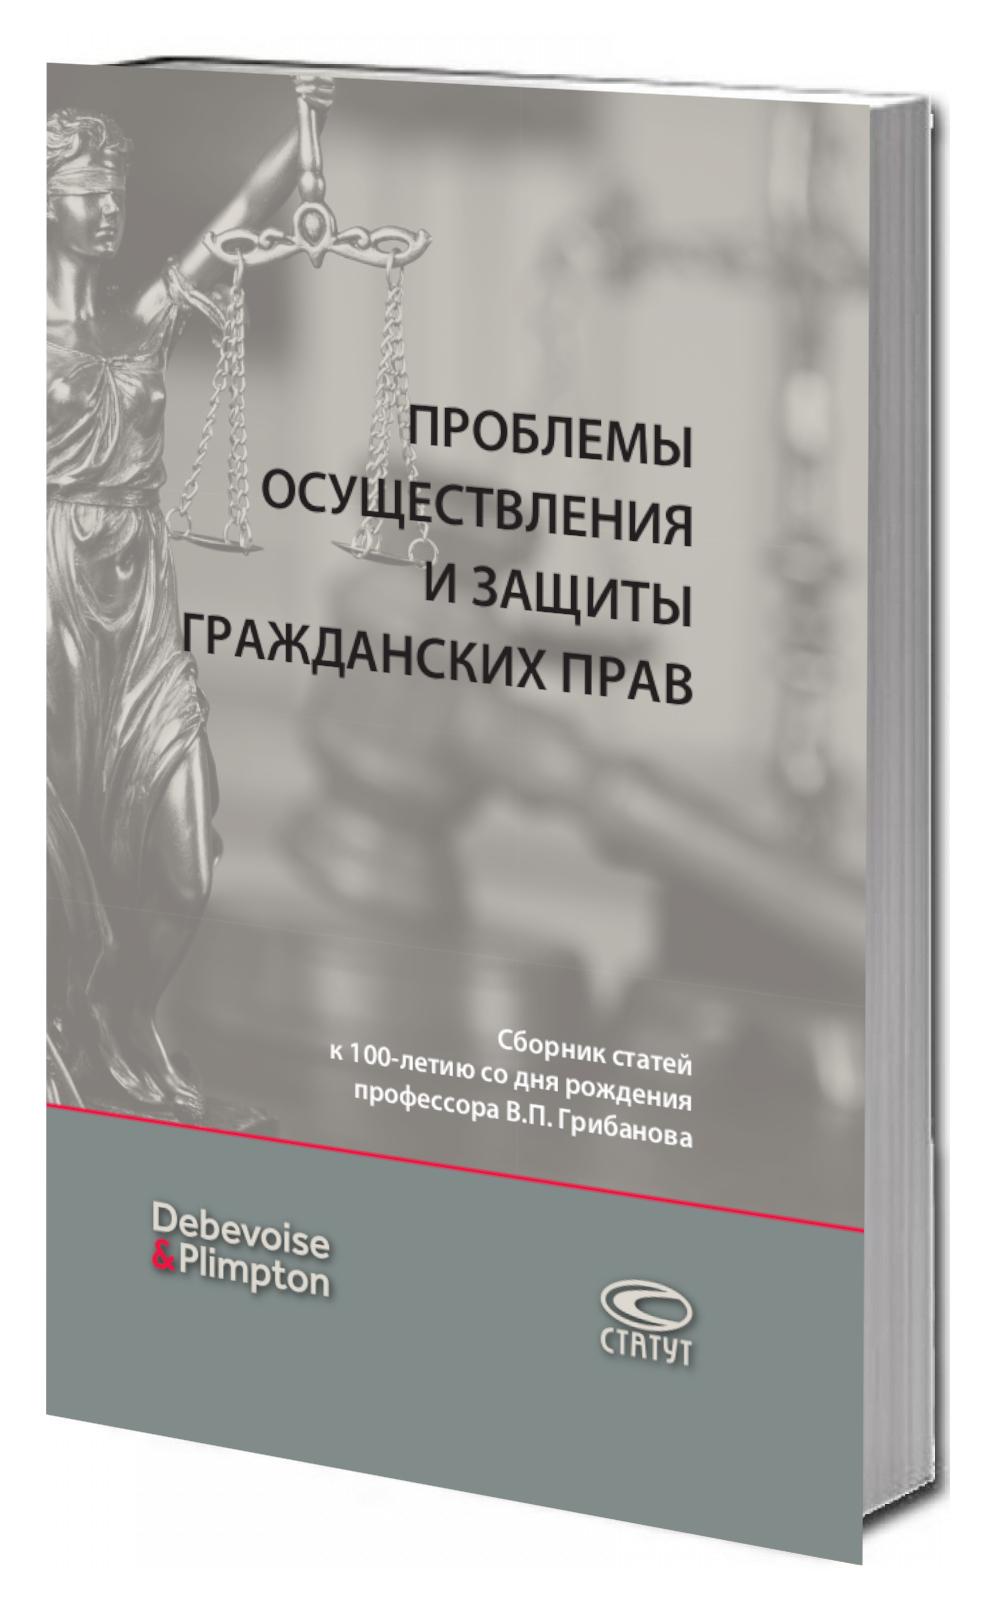 Проблемы осуществления и защиты гражданских прав : сборник статей к 100-летию со дня рождения профессора В.П. Грибанова